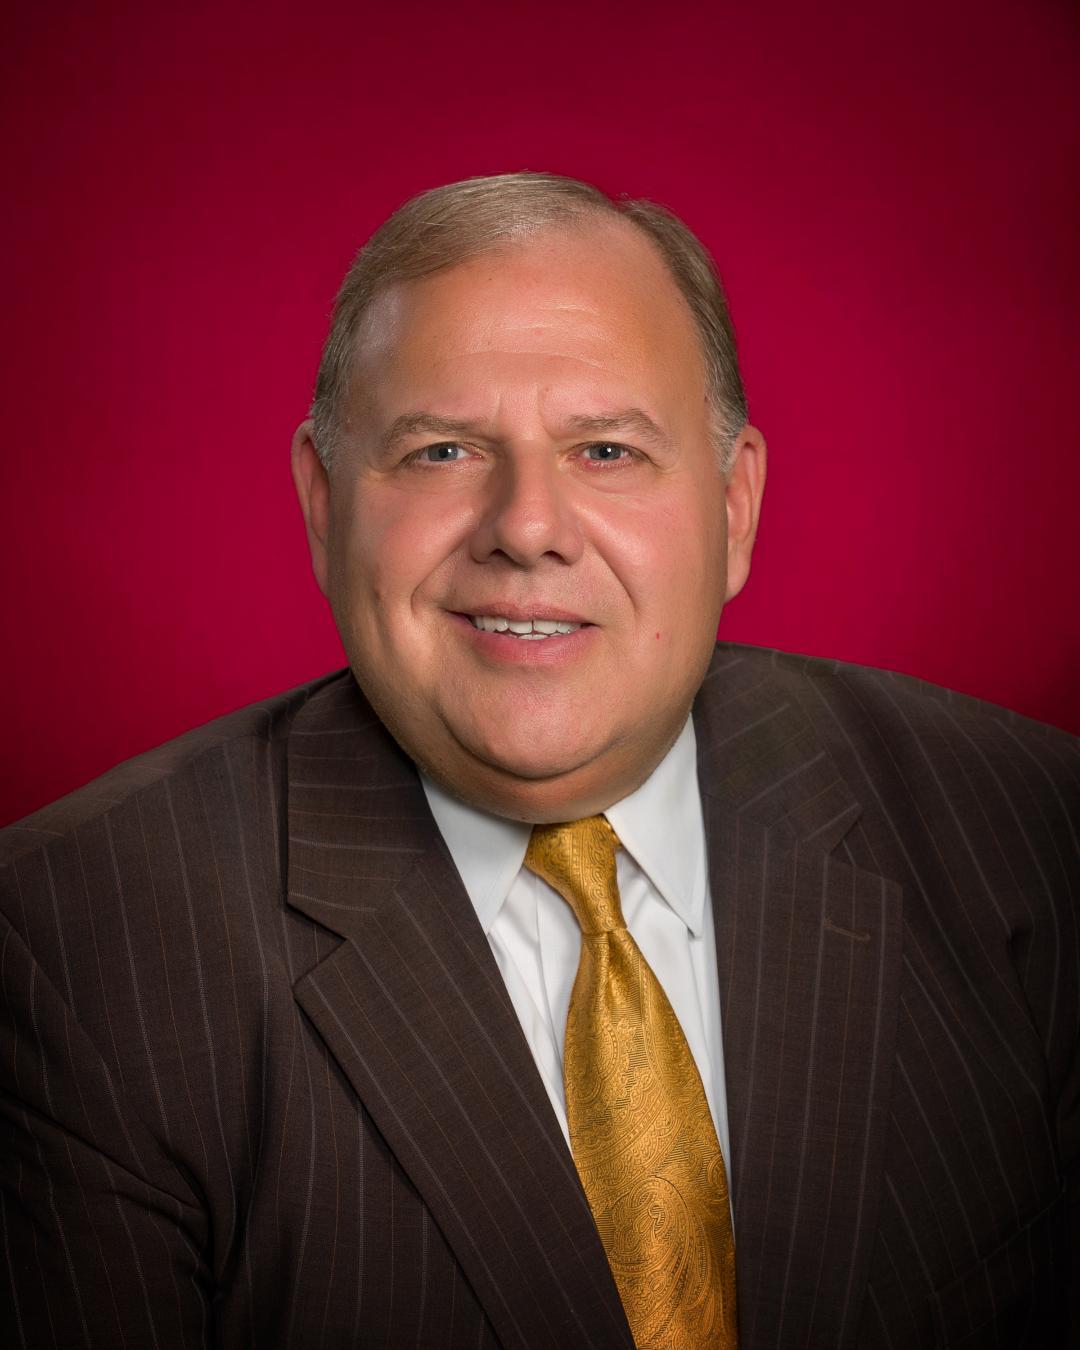 Dr. Dennis DePerro